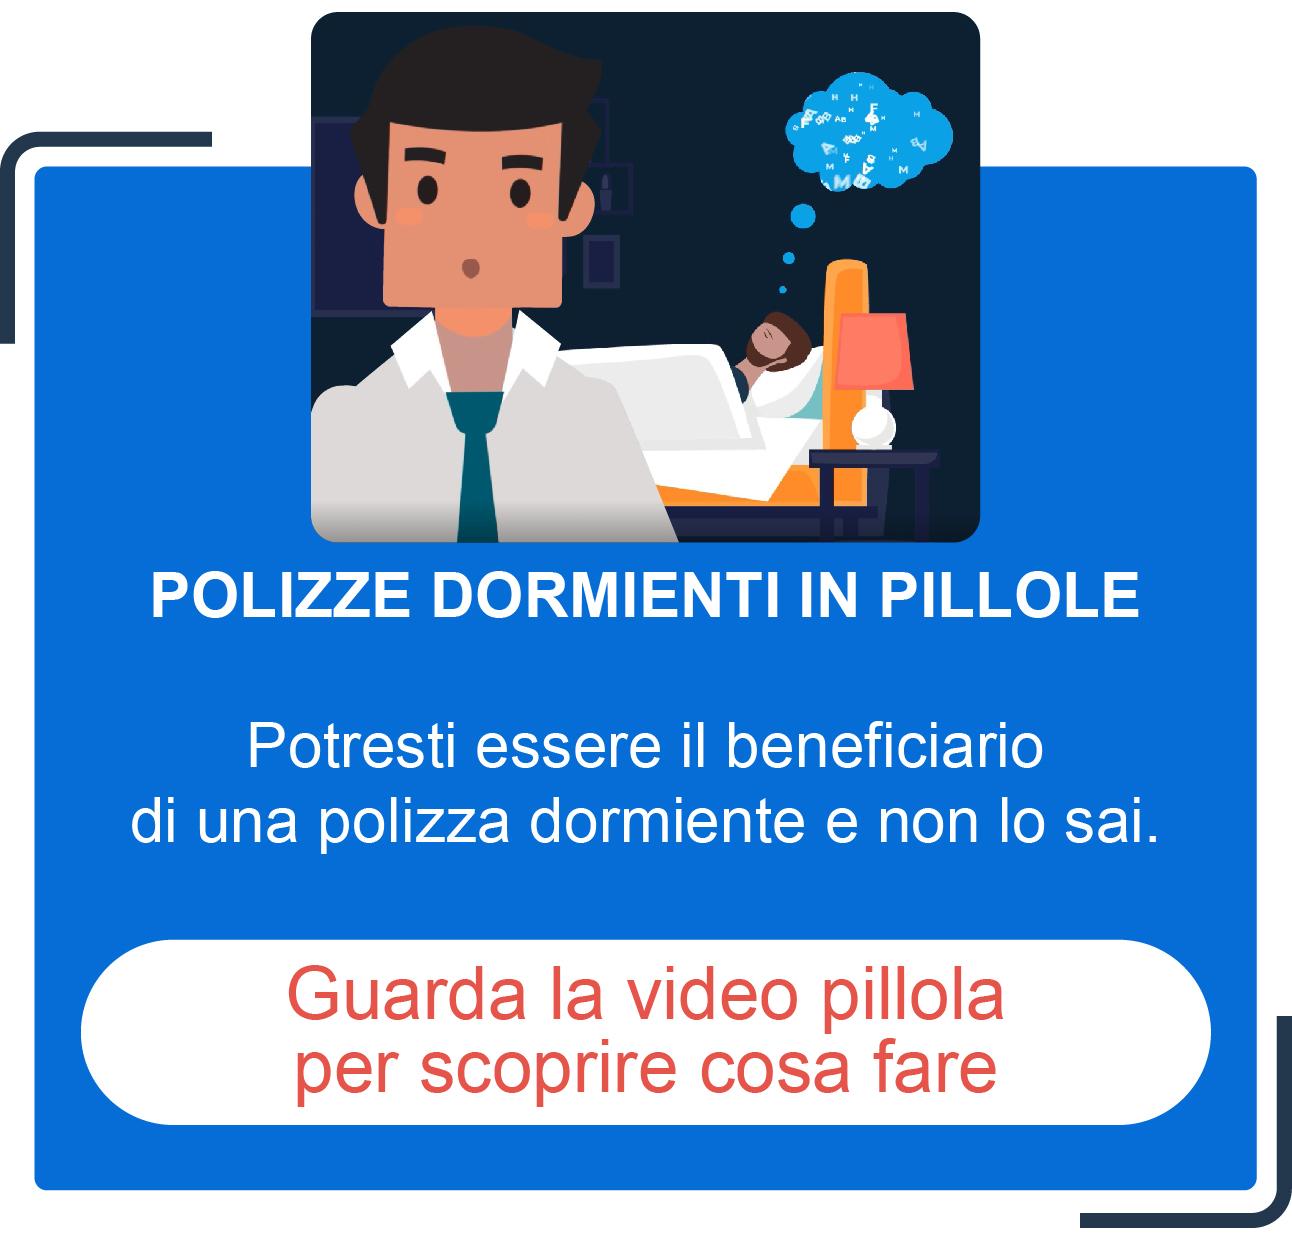 Polizze dormienti in pillole